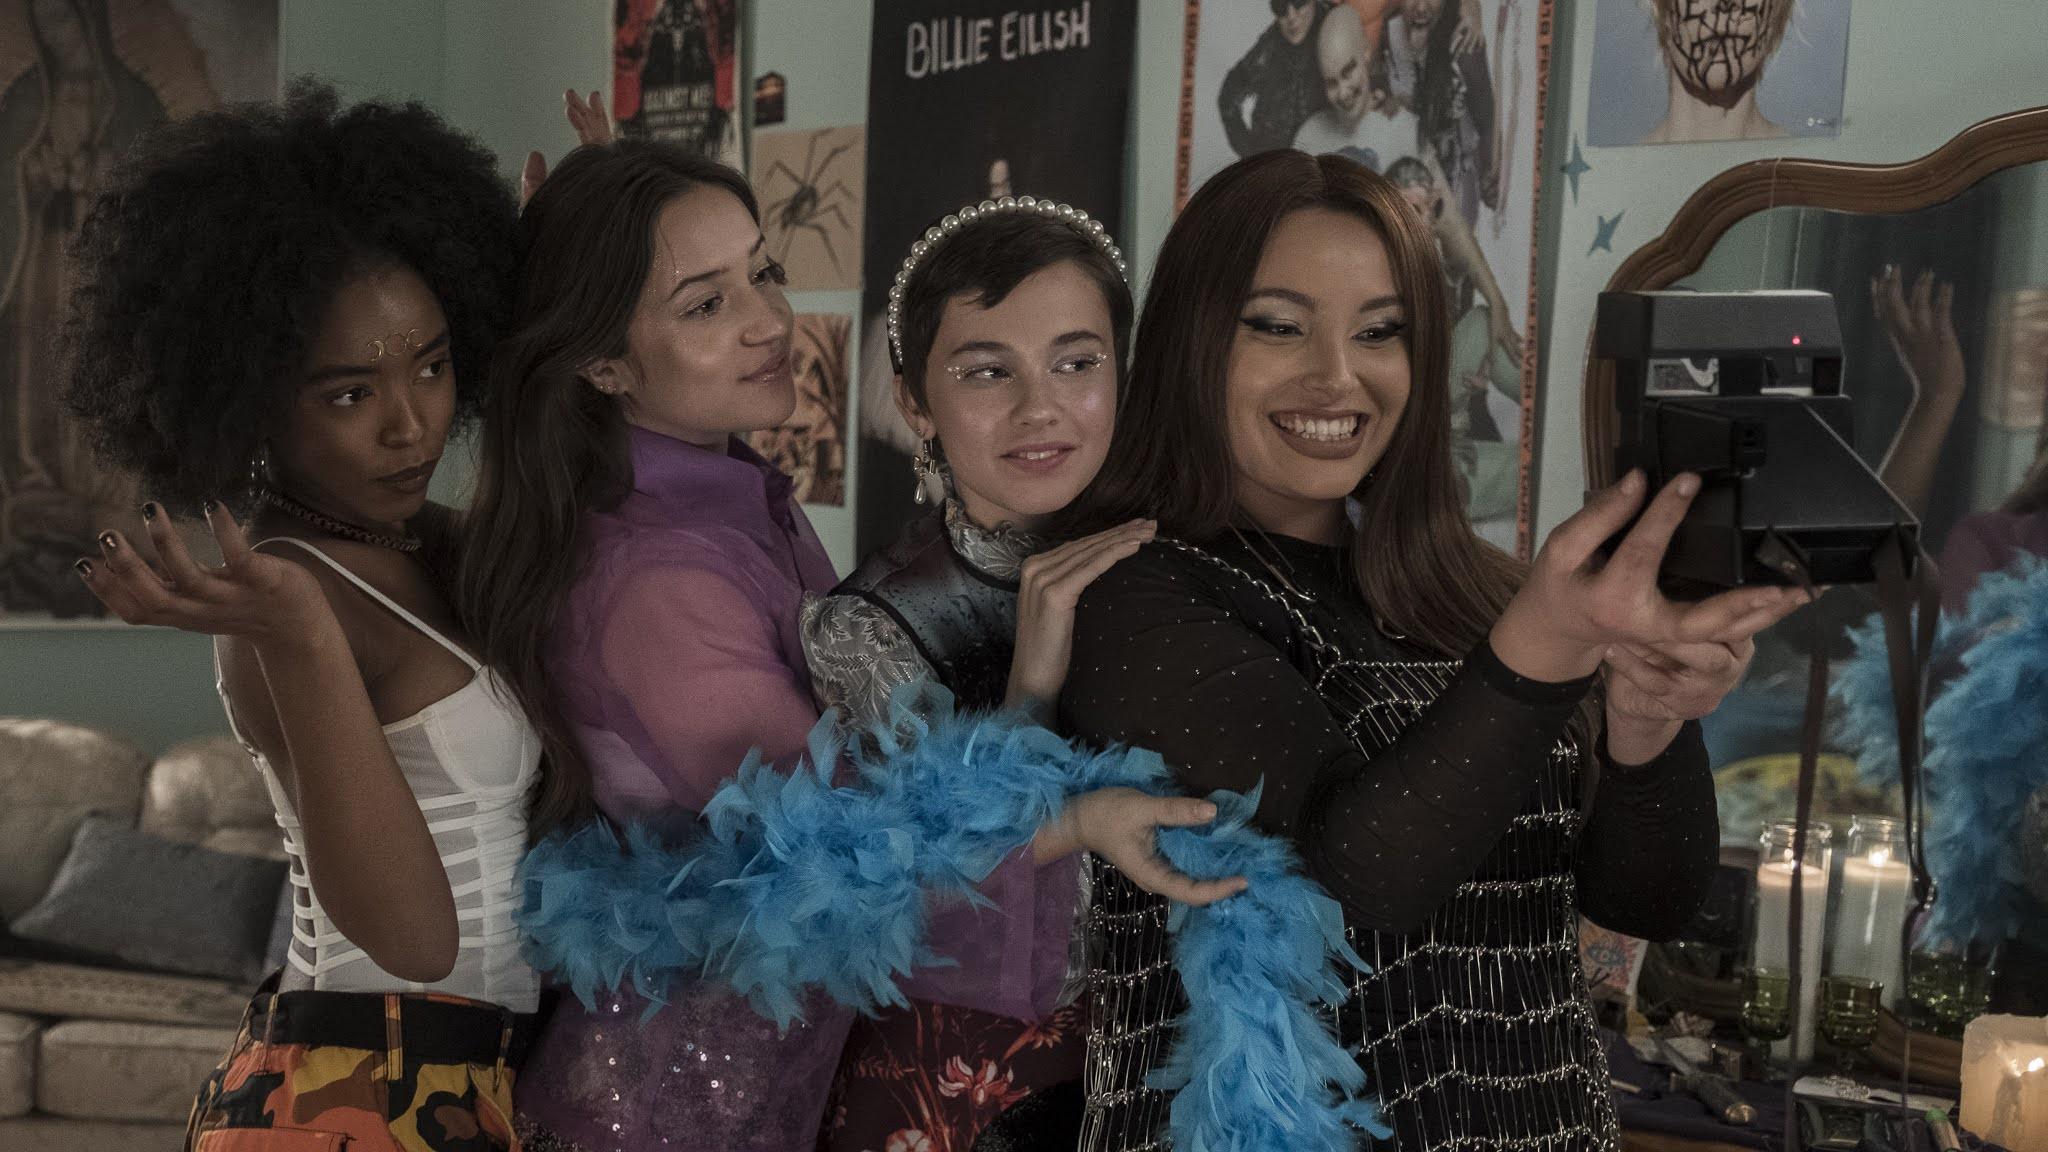 A quatro protagonistas reunidas tirando uma foto.